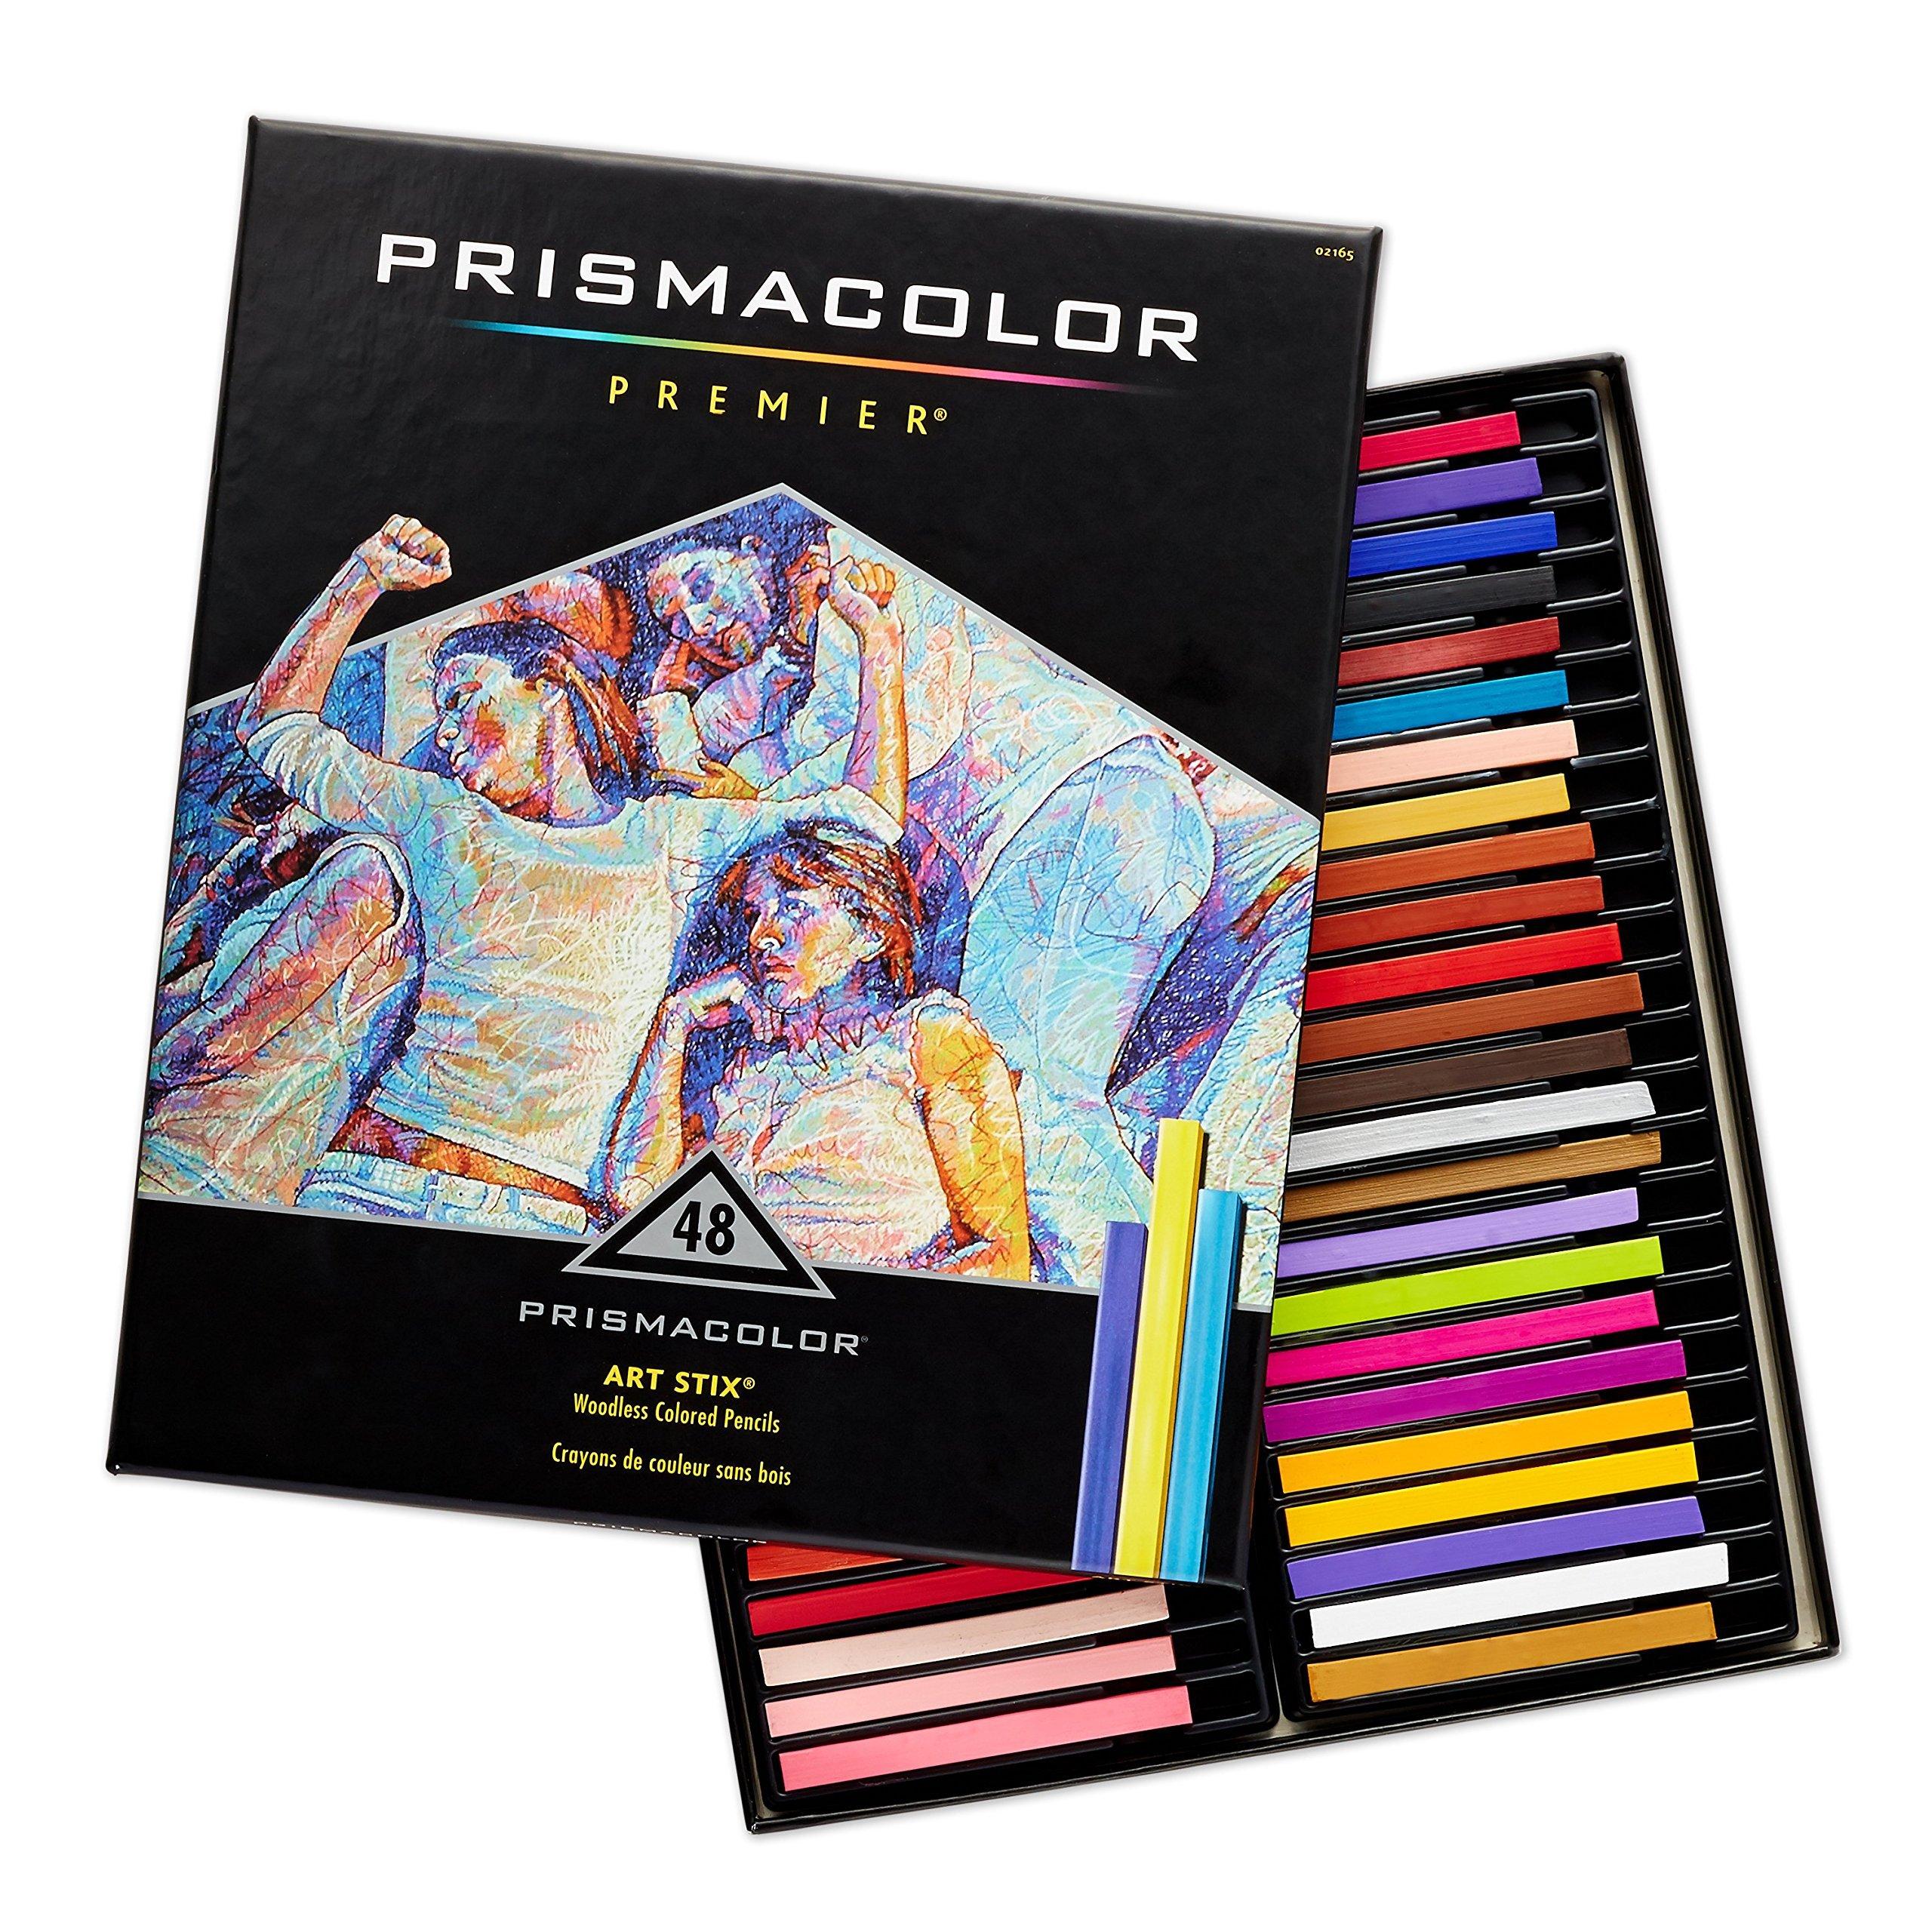 Prismacolor 2165 Premier Art Stix Woodless Colored Pencils, 48-Count by PRISMACOLOR